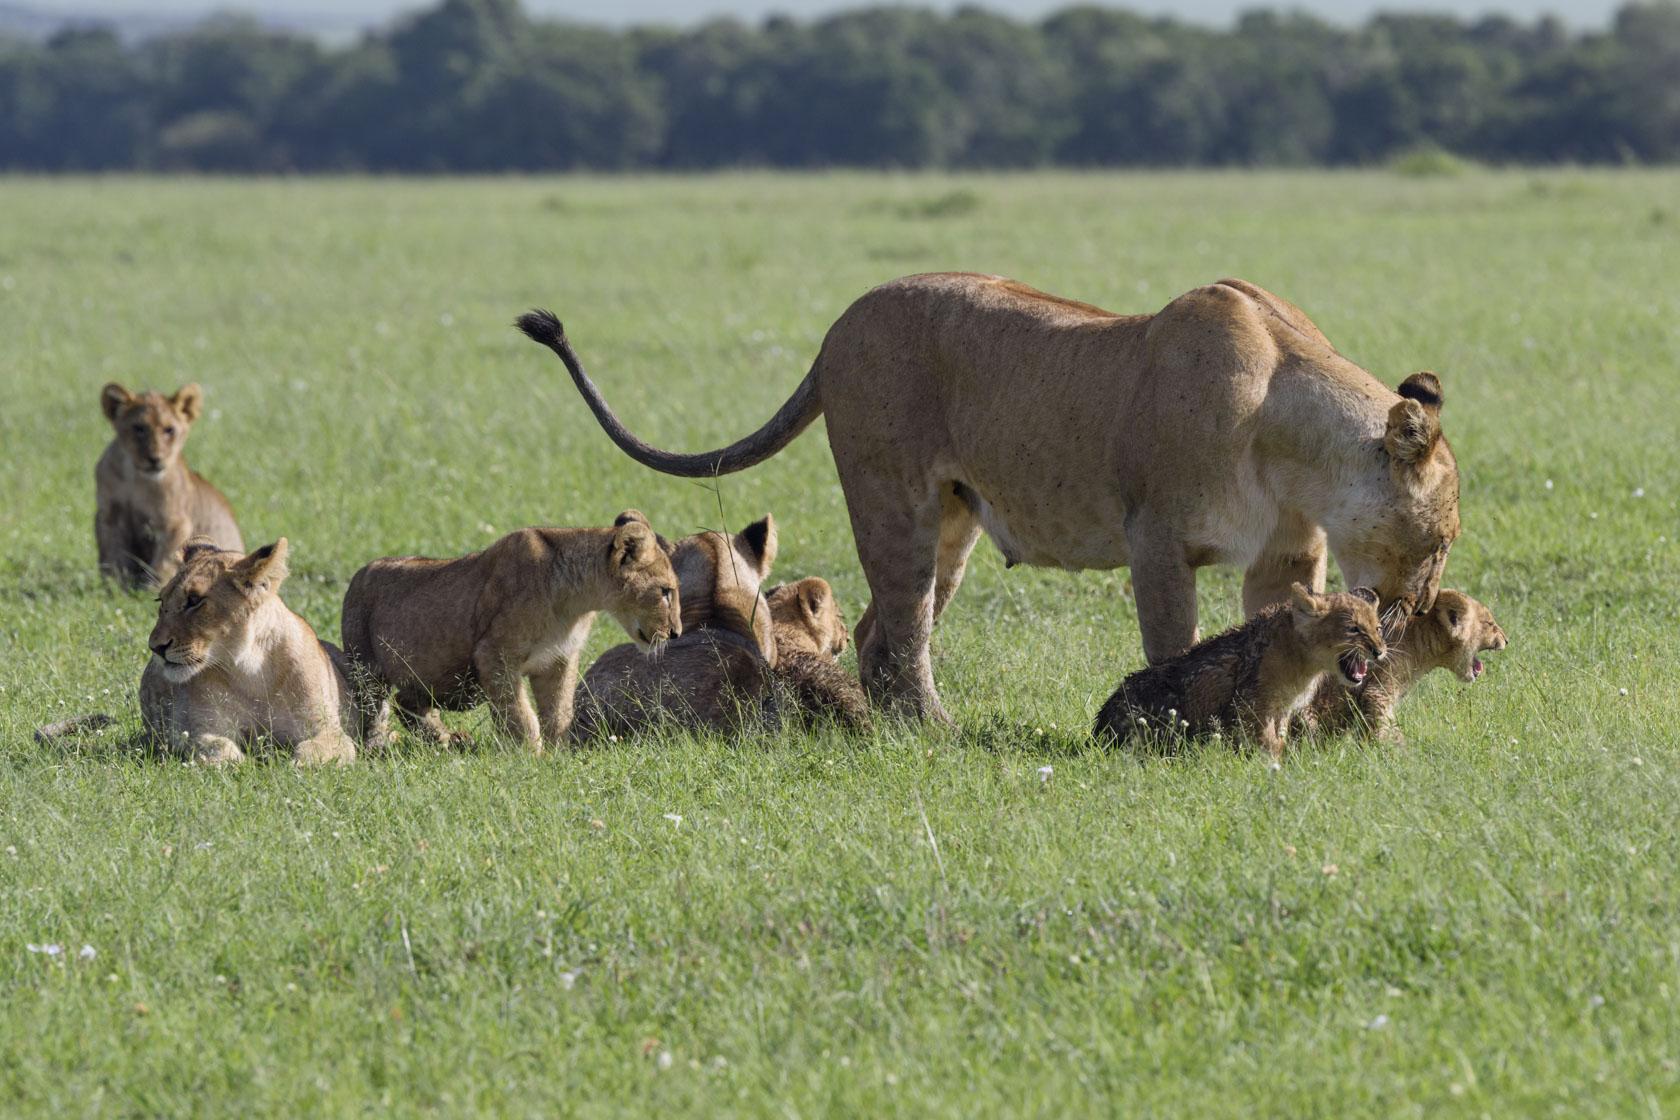 Wenige Tage später kehrt eine weitere Löwin mit ihren vier, etwa 4 – 5 Wochen alten Babys, dem jüngsten Nachwuchs von Lipstick oder Black, in das Rudel zurück.